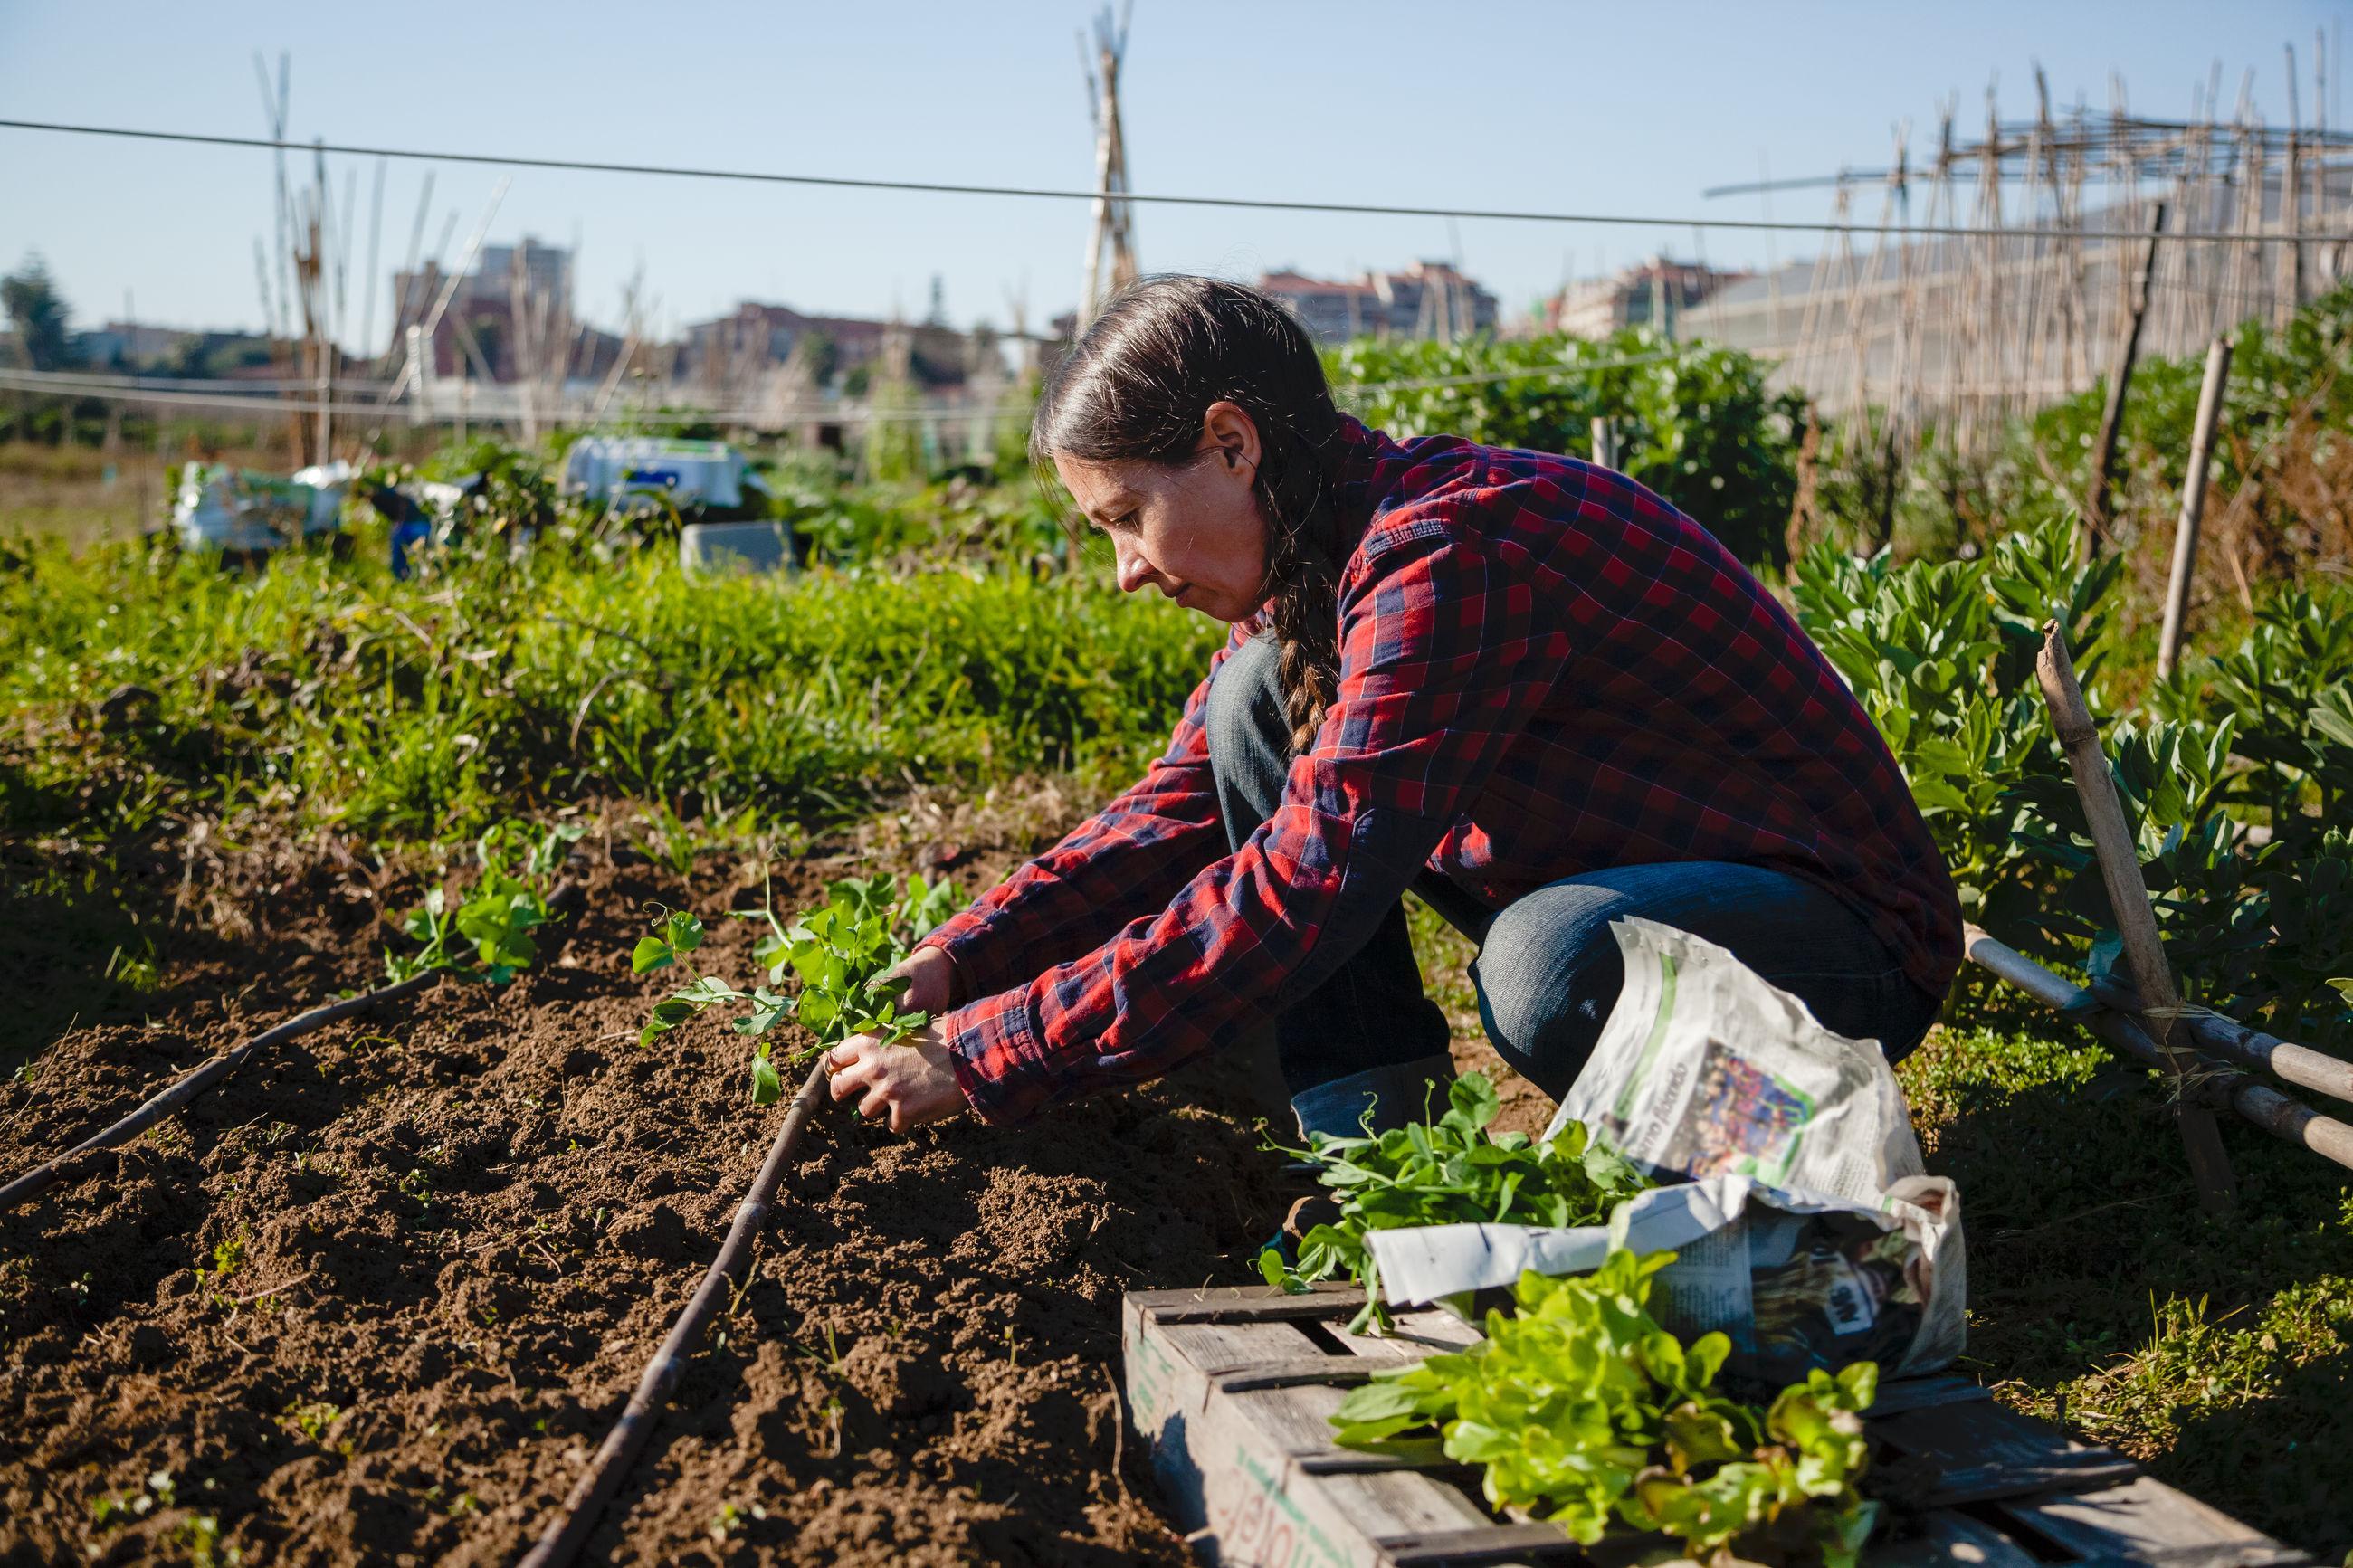 Woman gardening in field